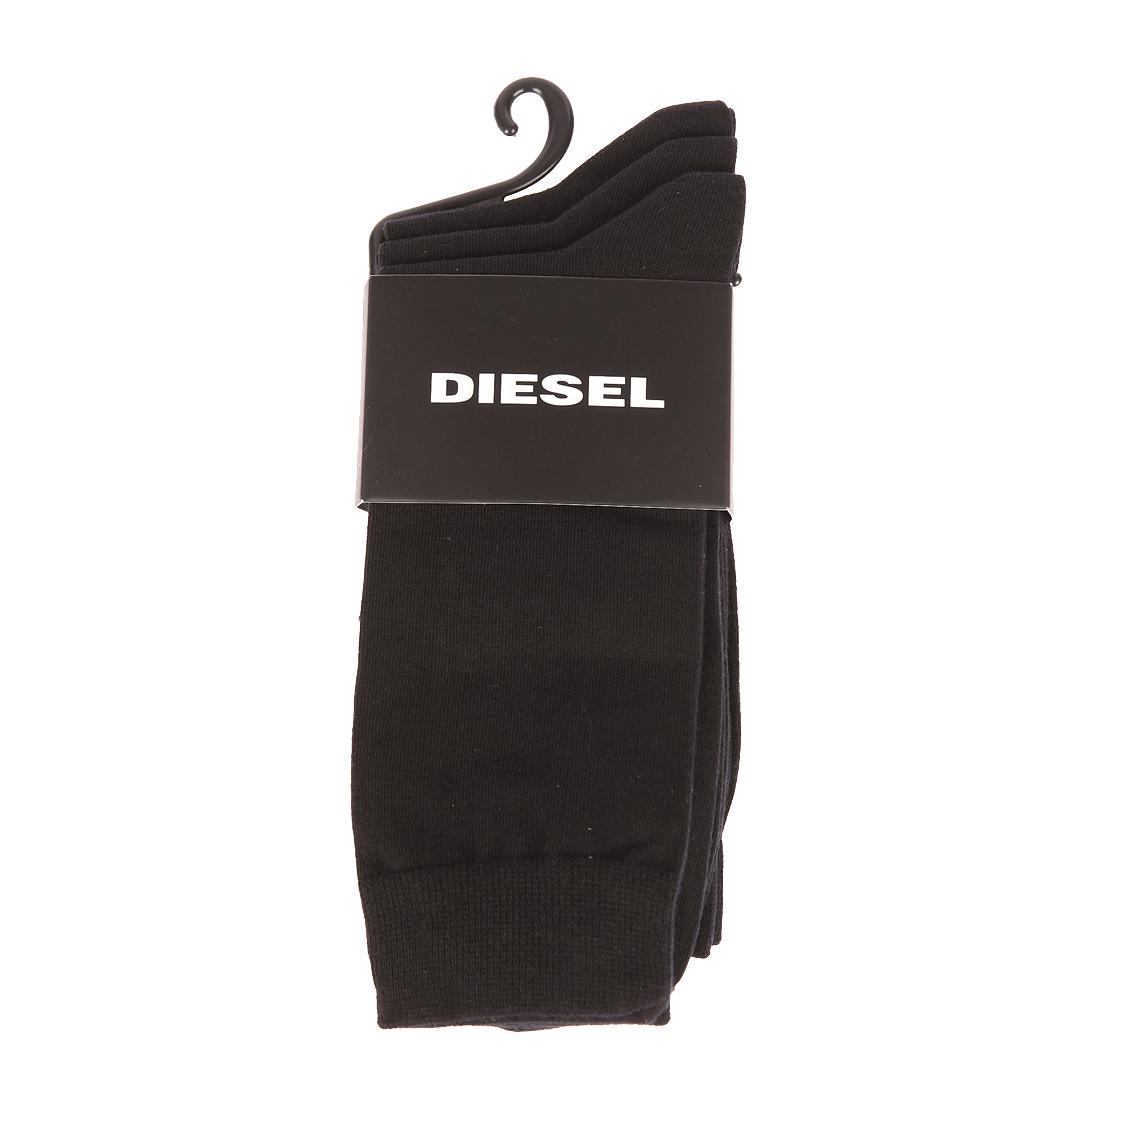 Lot de 3 chaussettes diesel en coton et polyamide stretch noir